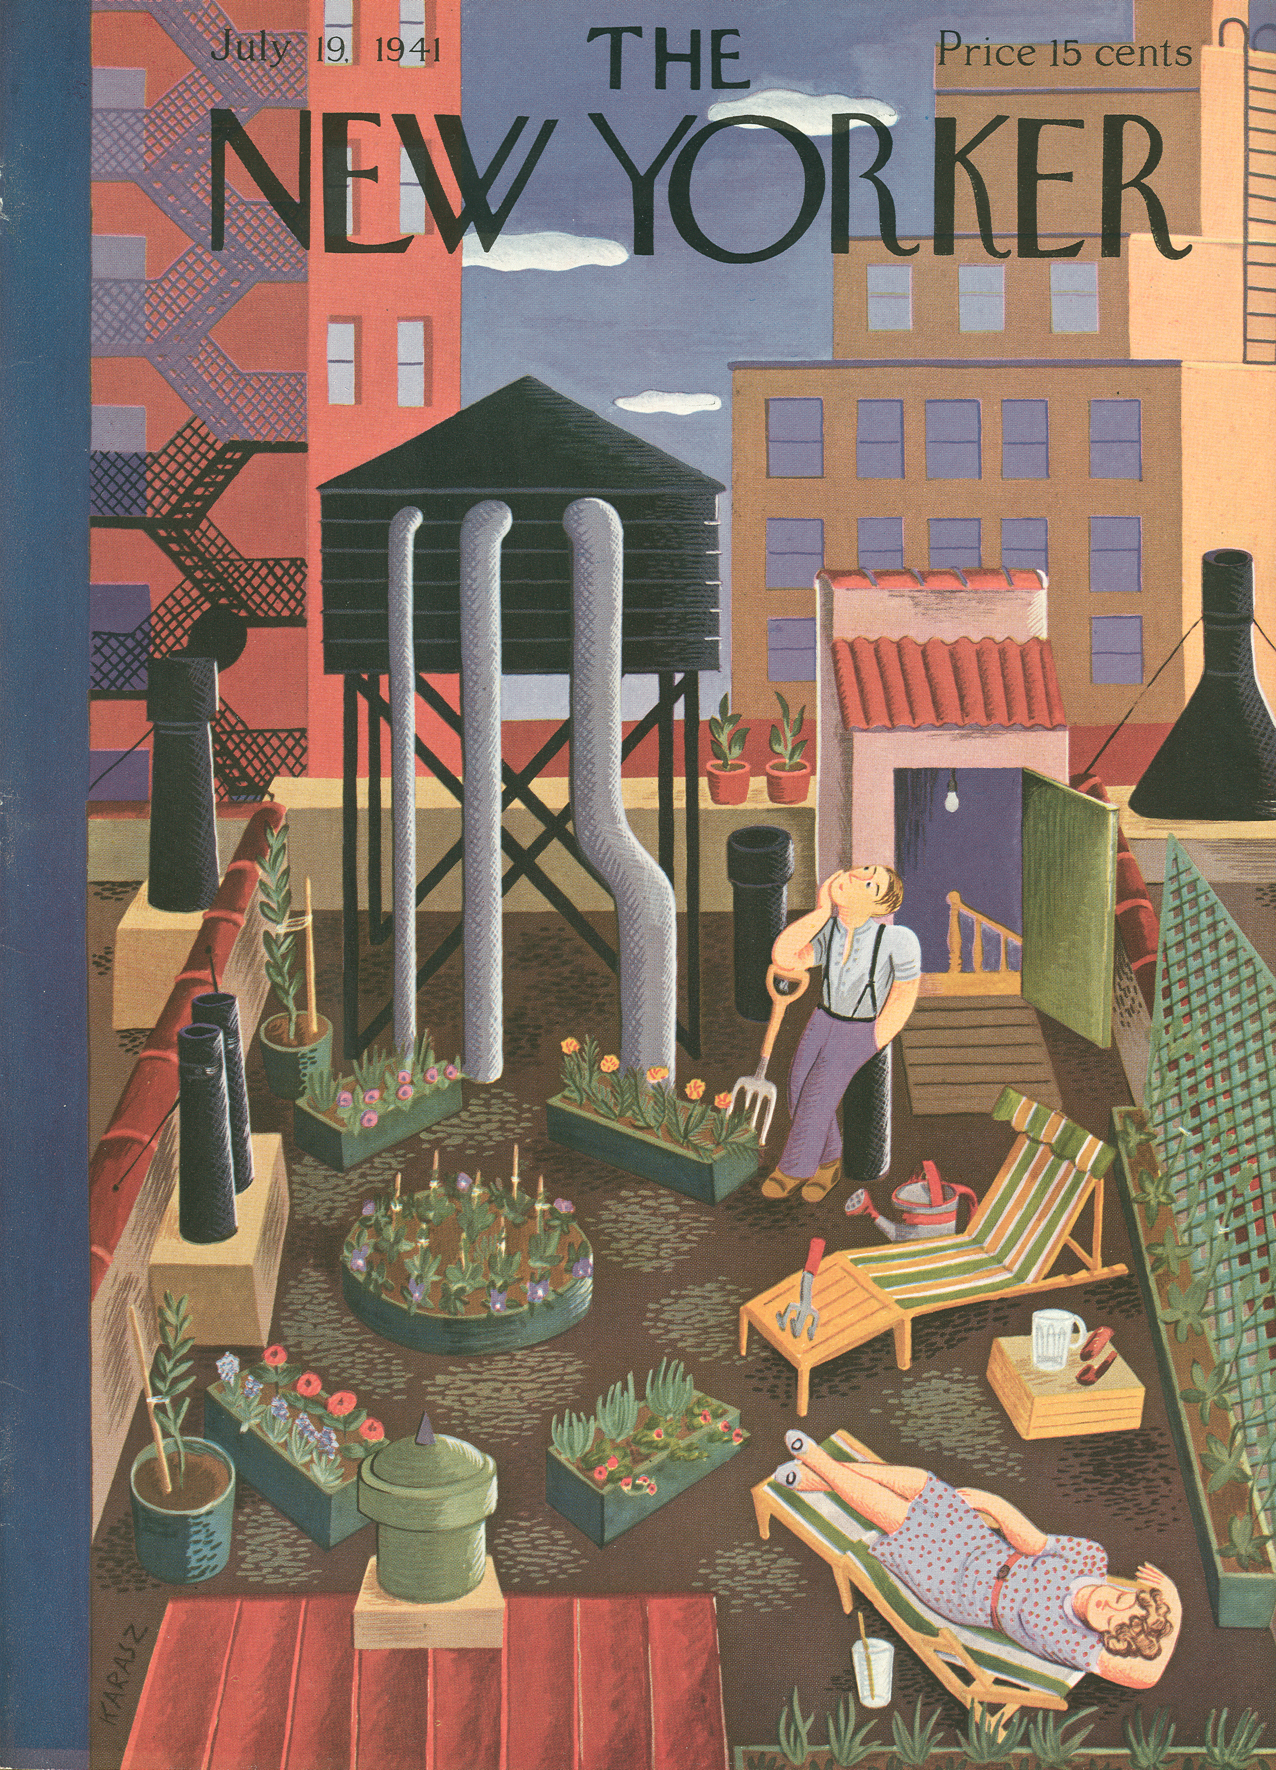 The New Yorker July 19, 1949 | Ilonka Karasz via  THE NEW YORKER